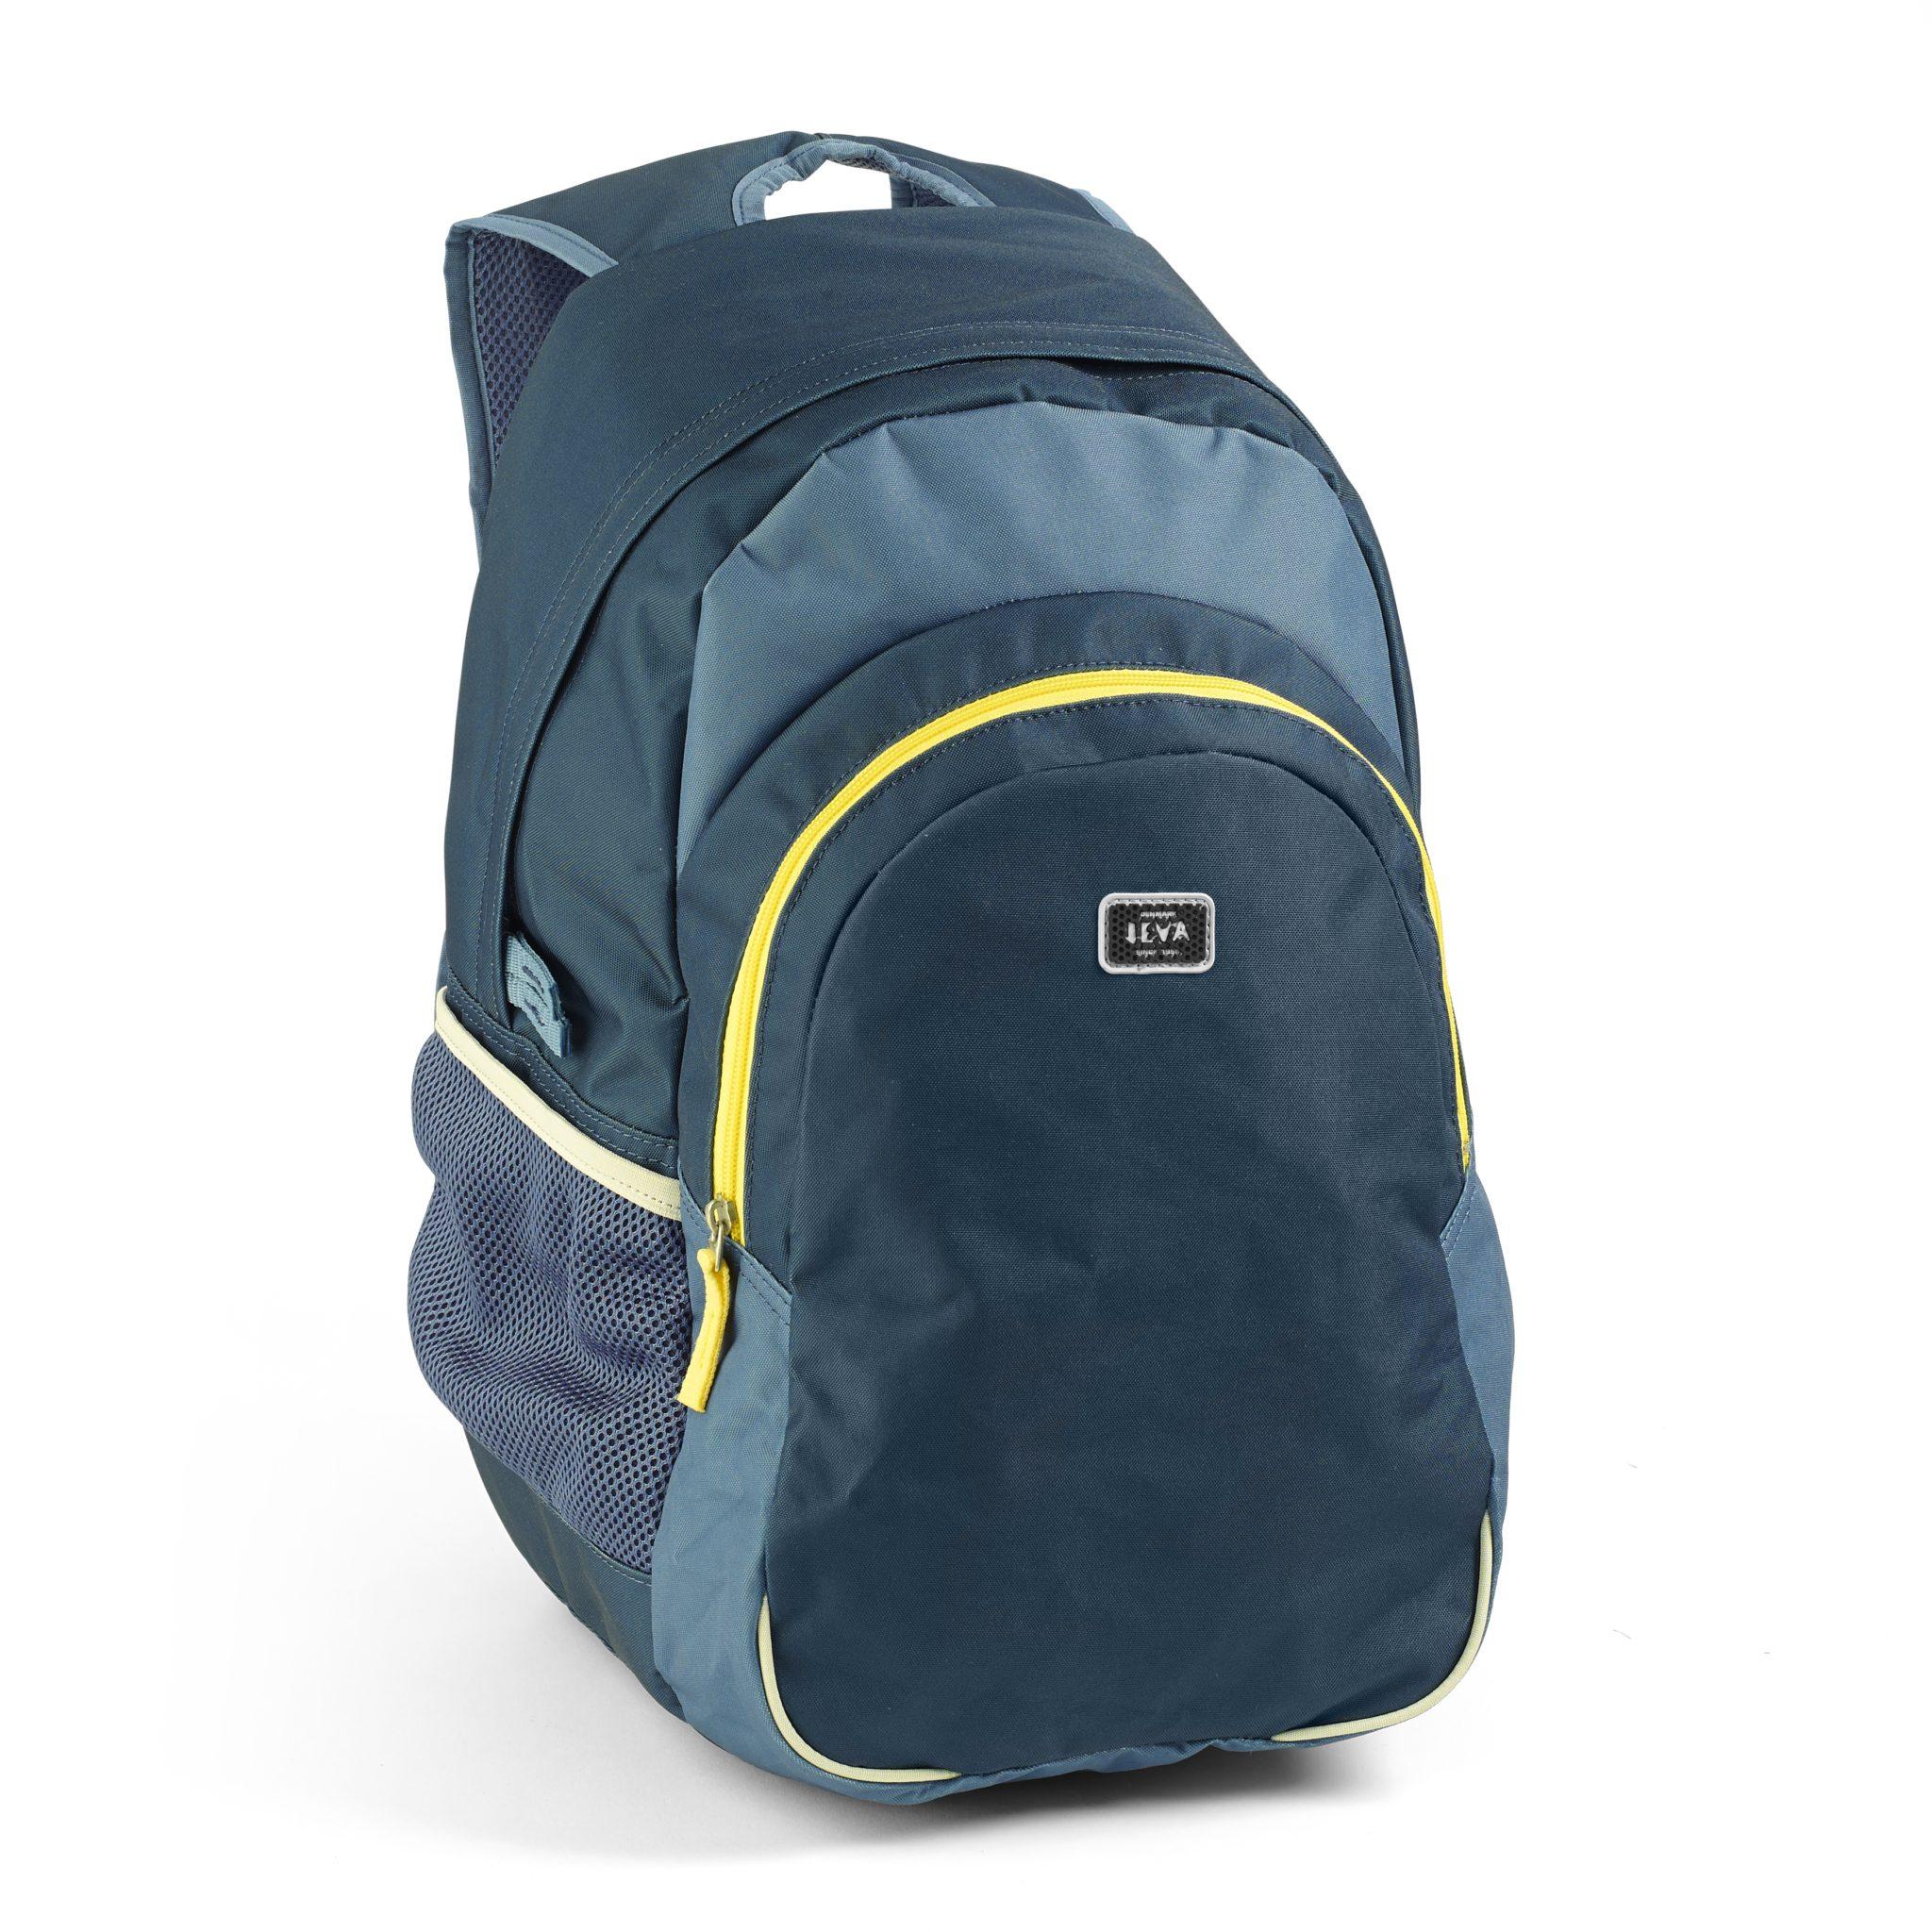 e80faa184f6 Blå billig rygsæk til drenge i JEVA's altid gode kvalitet. Let vægt ...